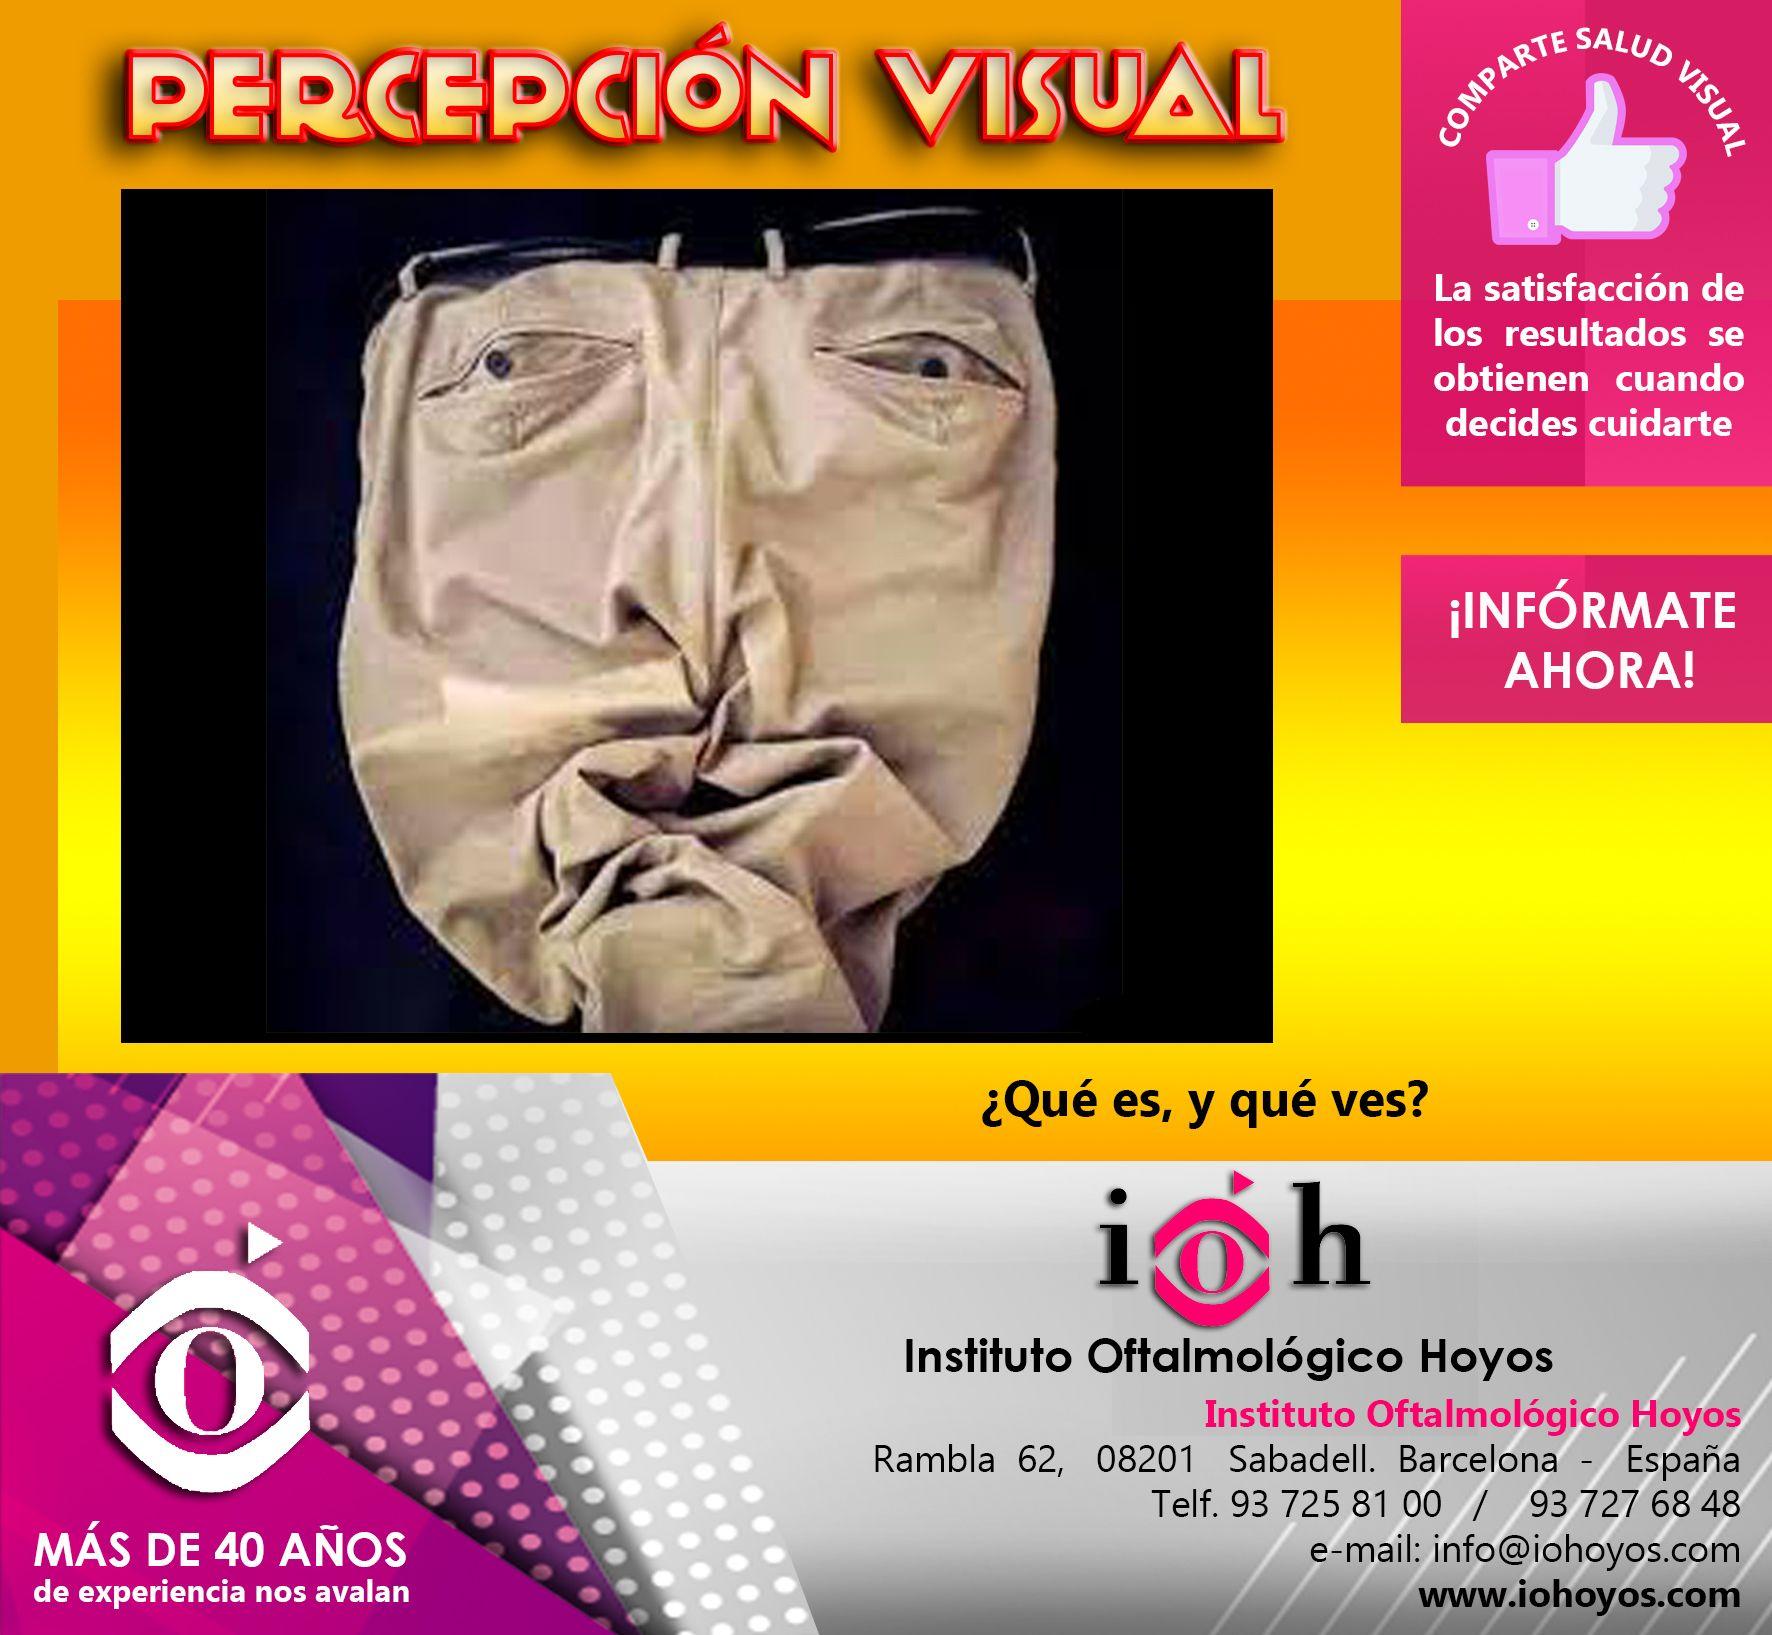 """Mira la imagen y cuenta todo lo que ves... Recuerda: """"Tus ojos en las mejores manos""""  www.iohoyos.com"""